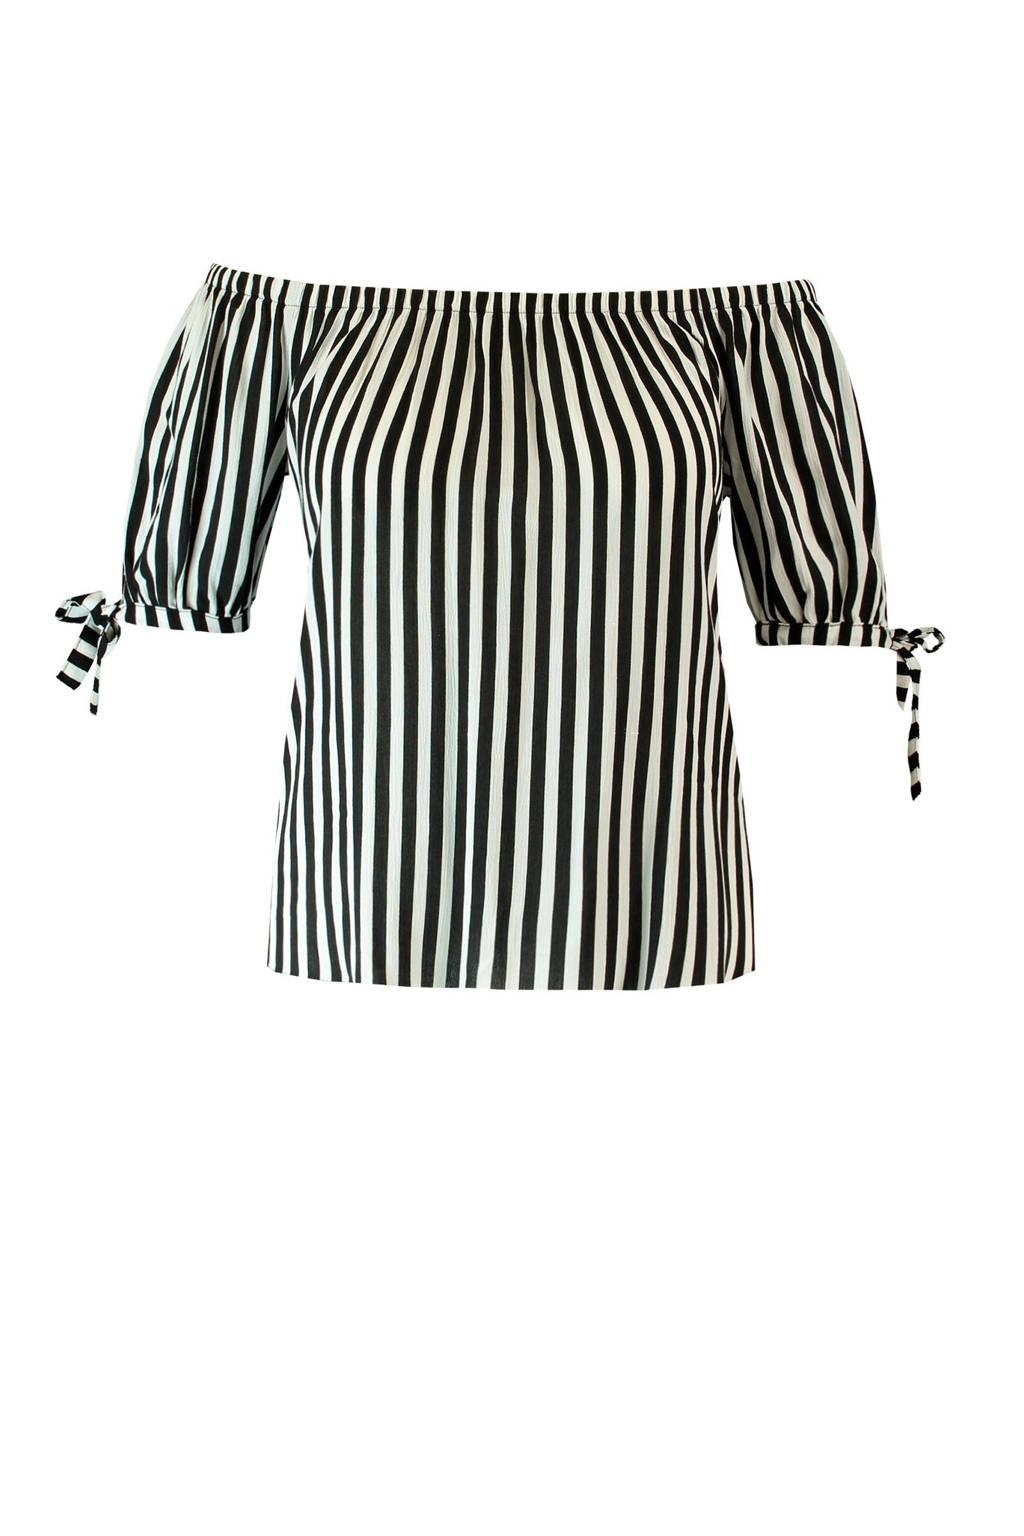 MS Mode gestreepte off shoulder top zwart/wit, Zwart/wit